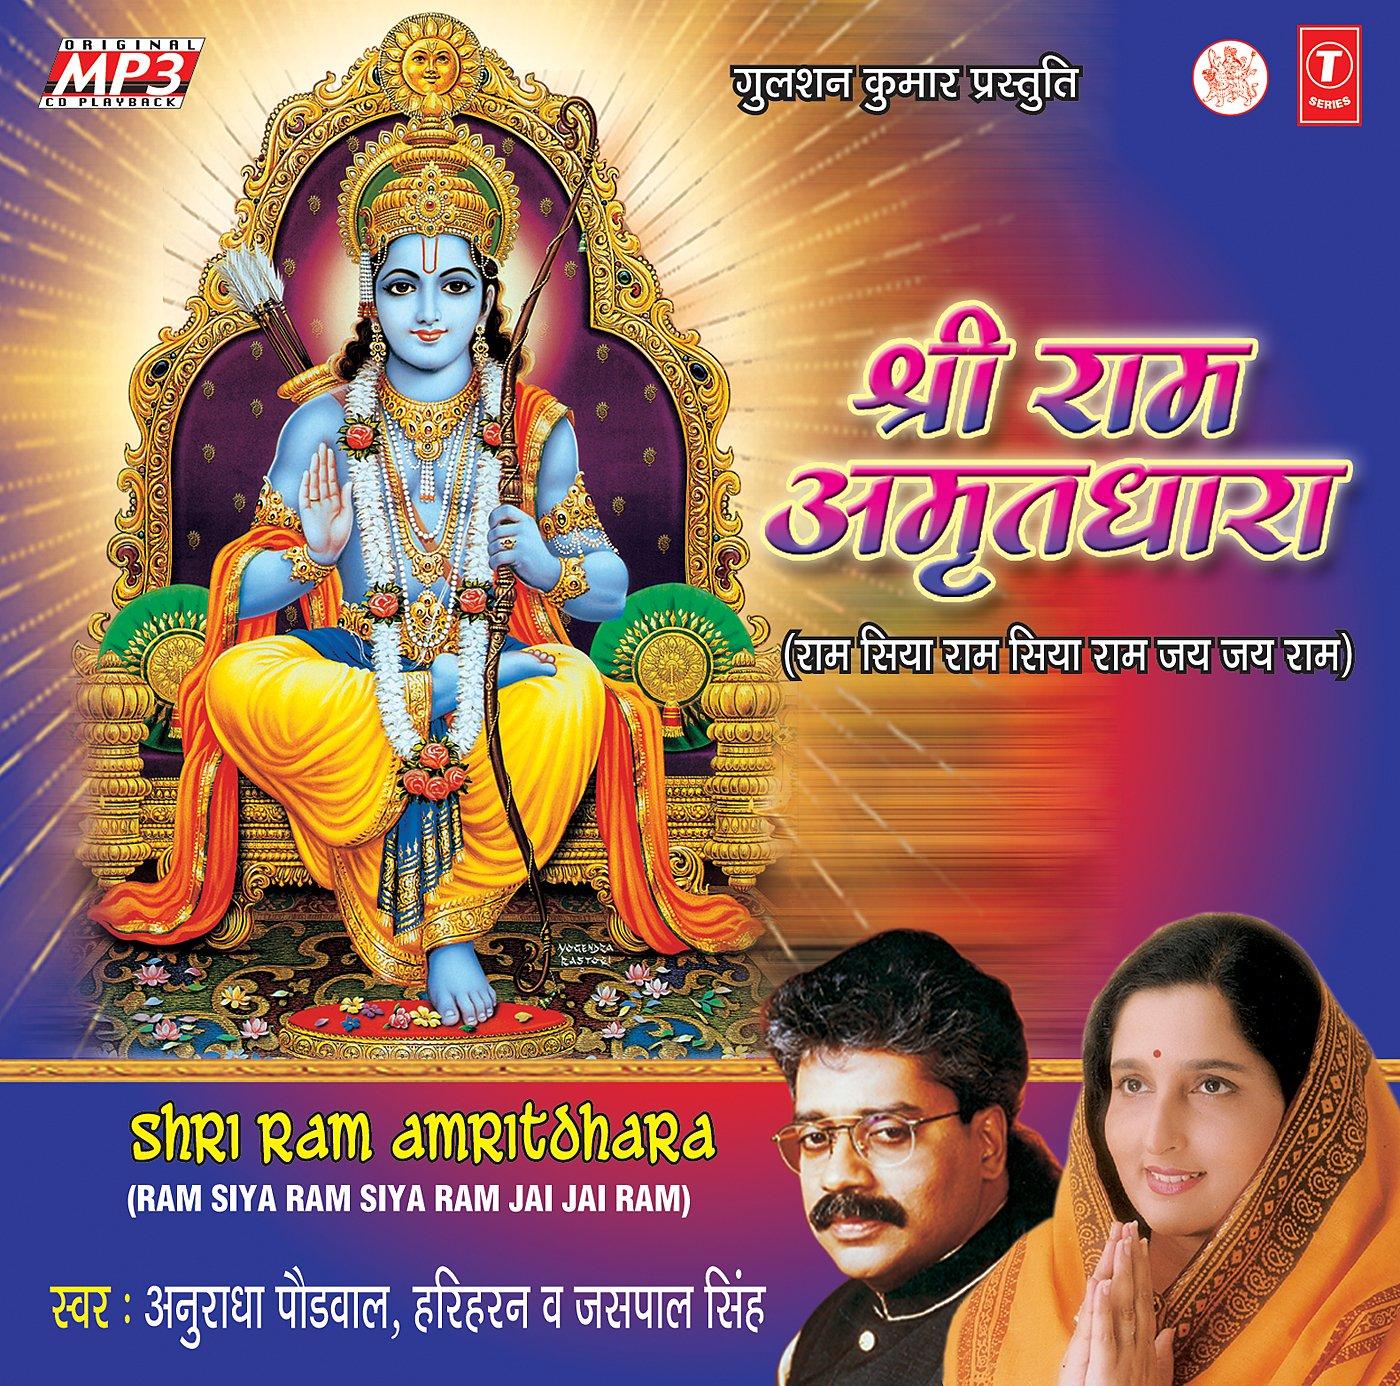 Ram Siya Ram Siya Ram Jai Jai Ram Audio Song Free Download